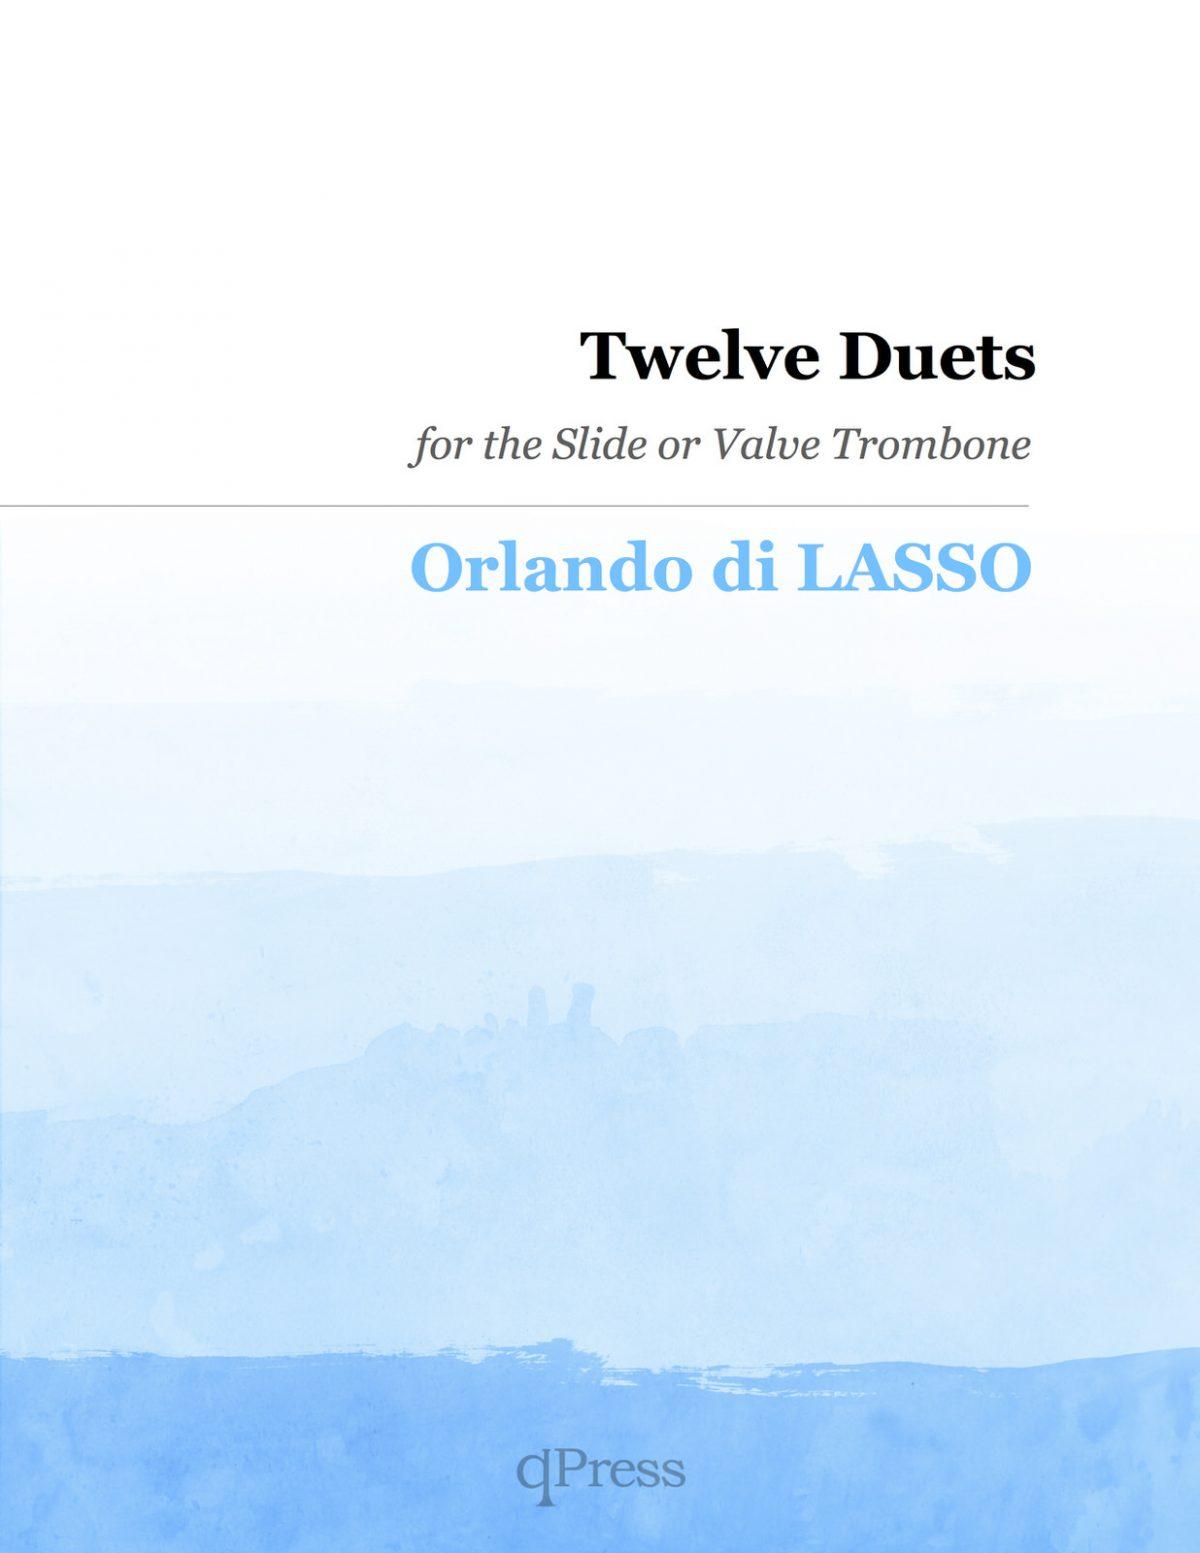 di-lasso-12-duets-for-trombones